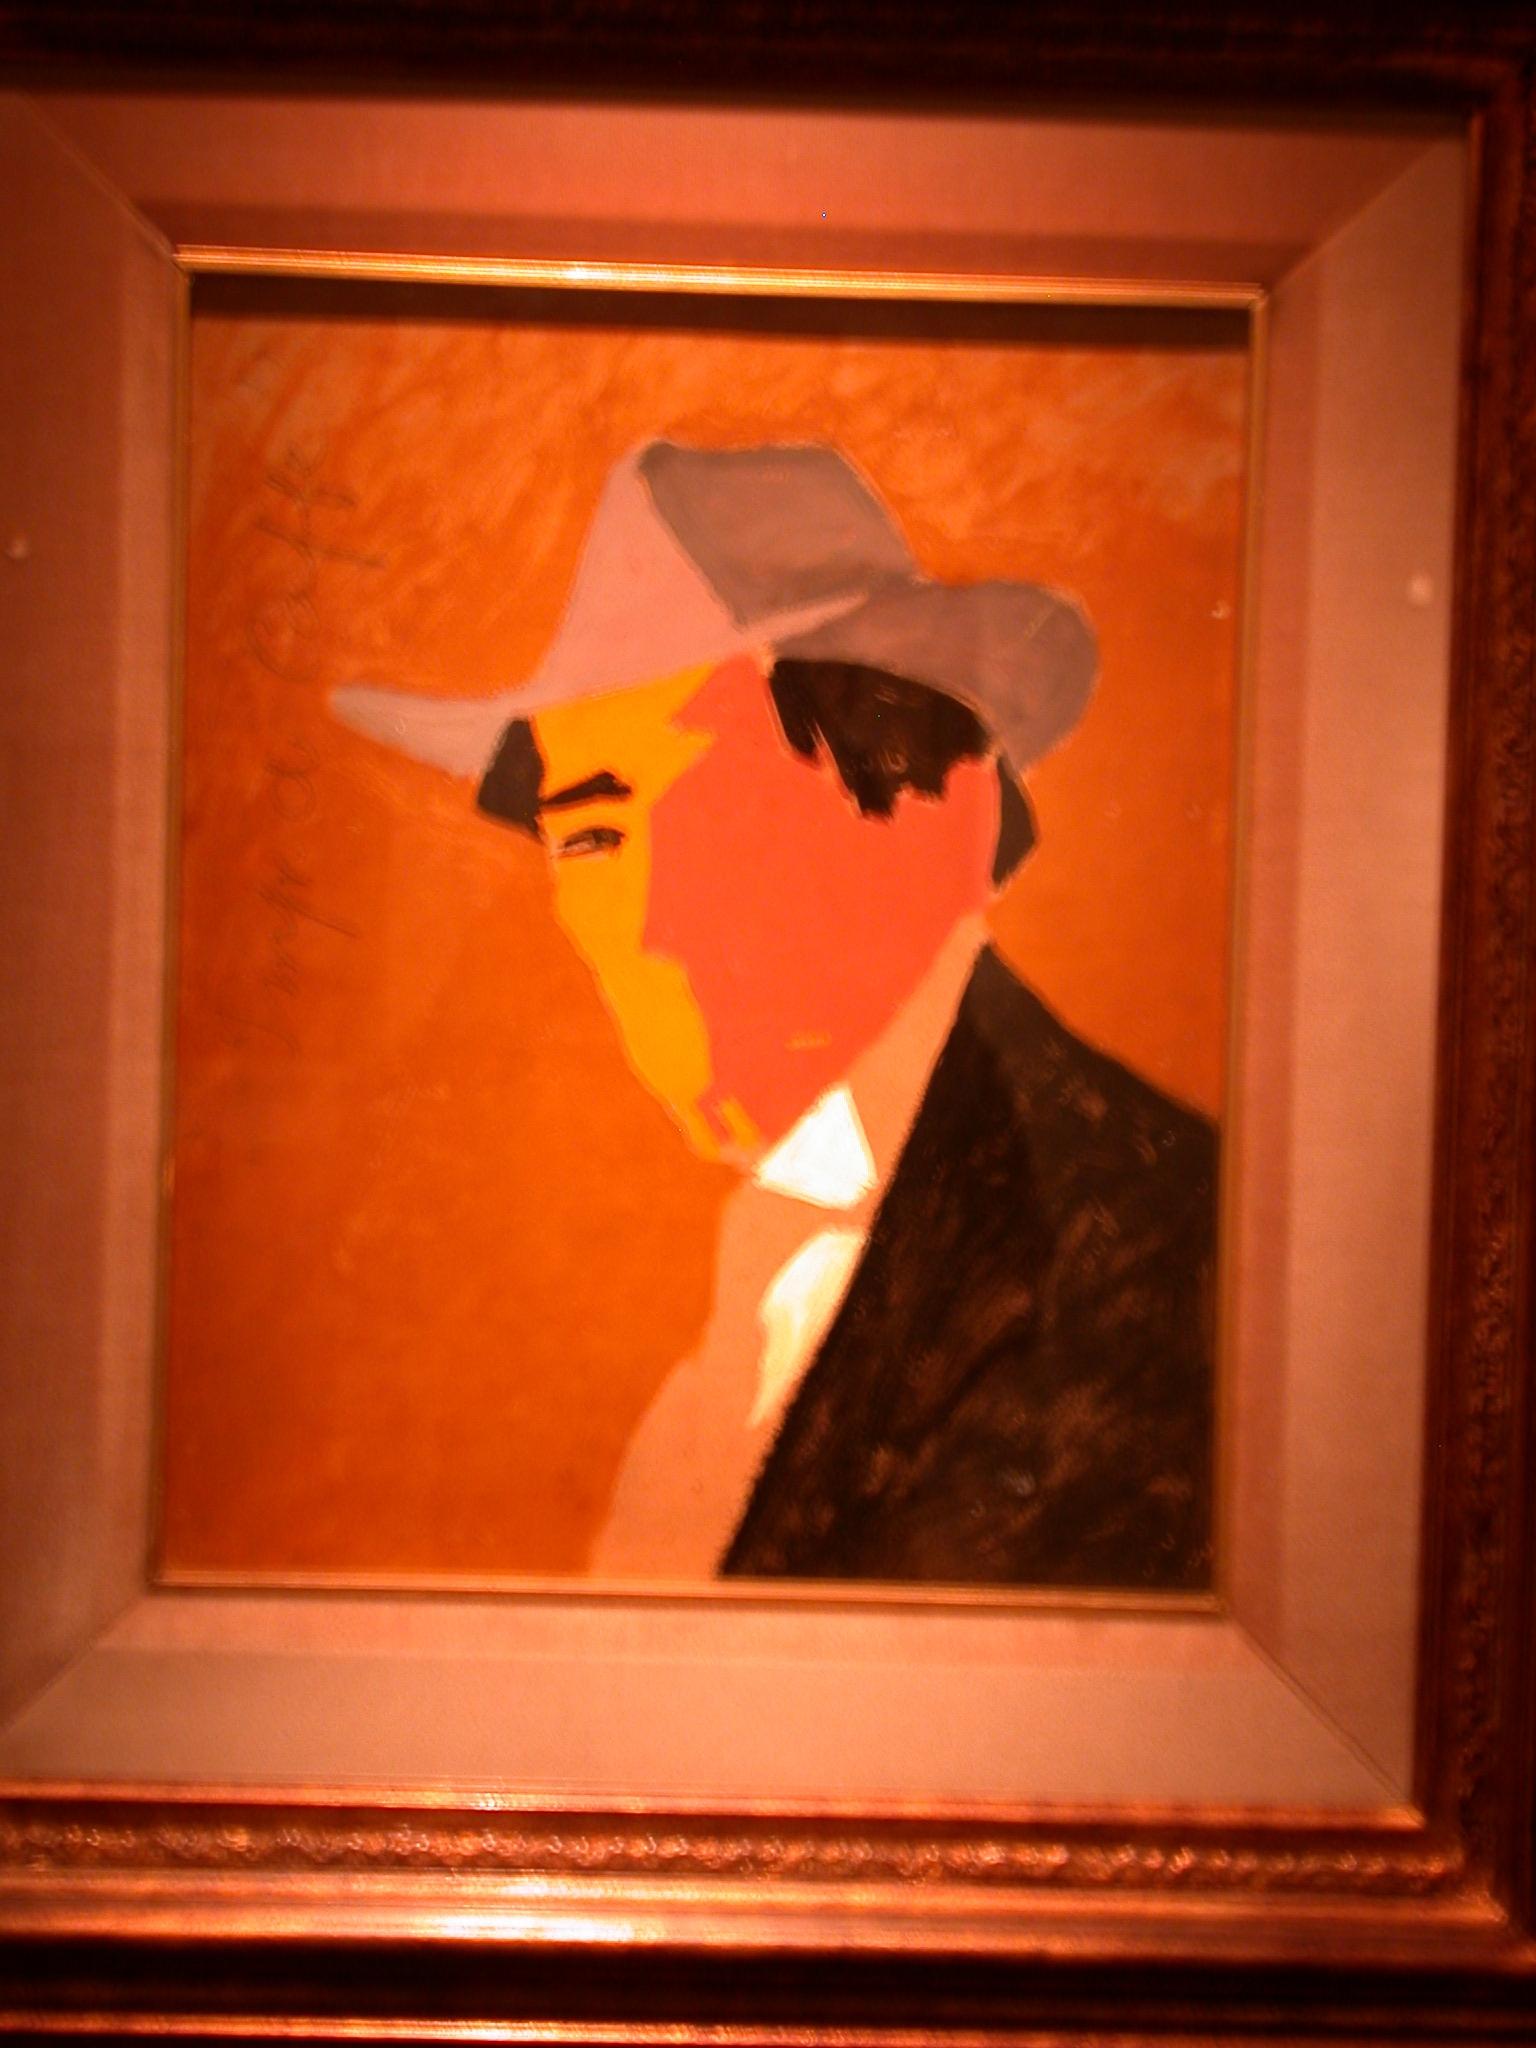 Impresion de Cafe, Rto, Pianista, Bernabe Michelena, Rafael Barrados, Museo de las Bellas Artes, Buenos Aires, Argentina